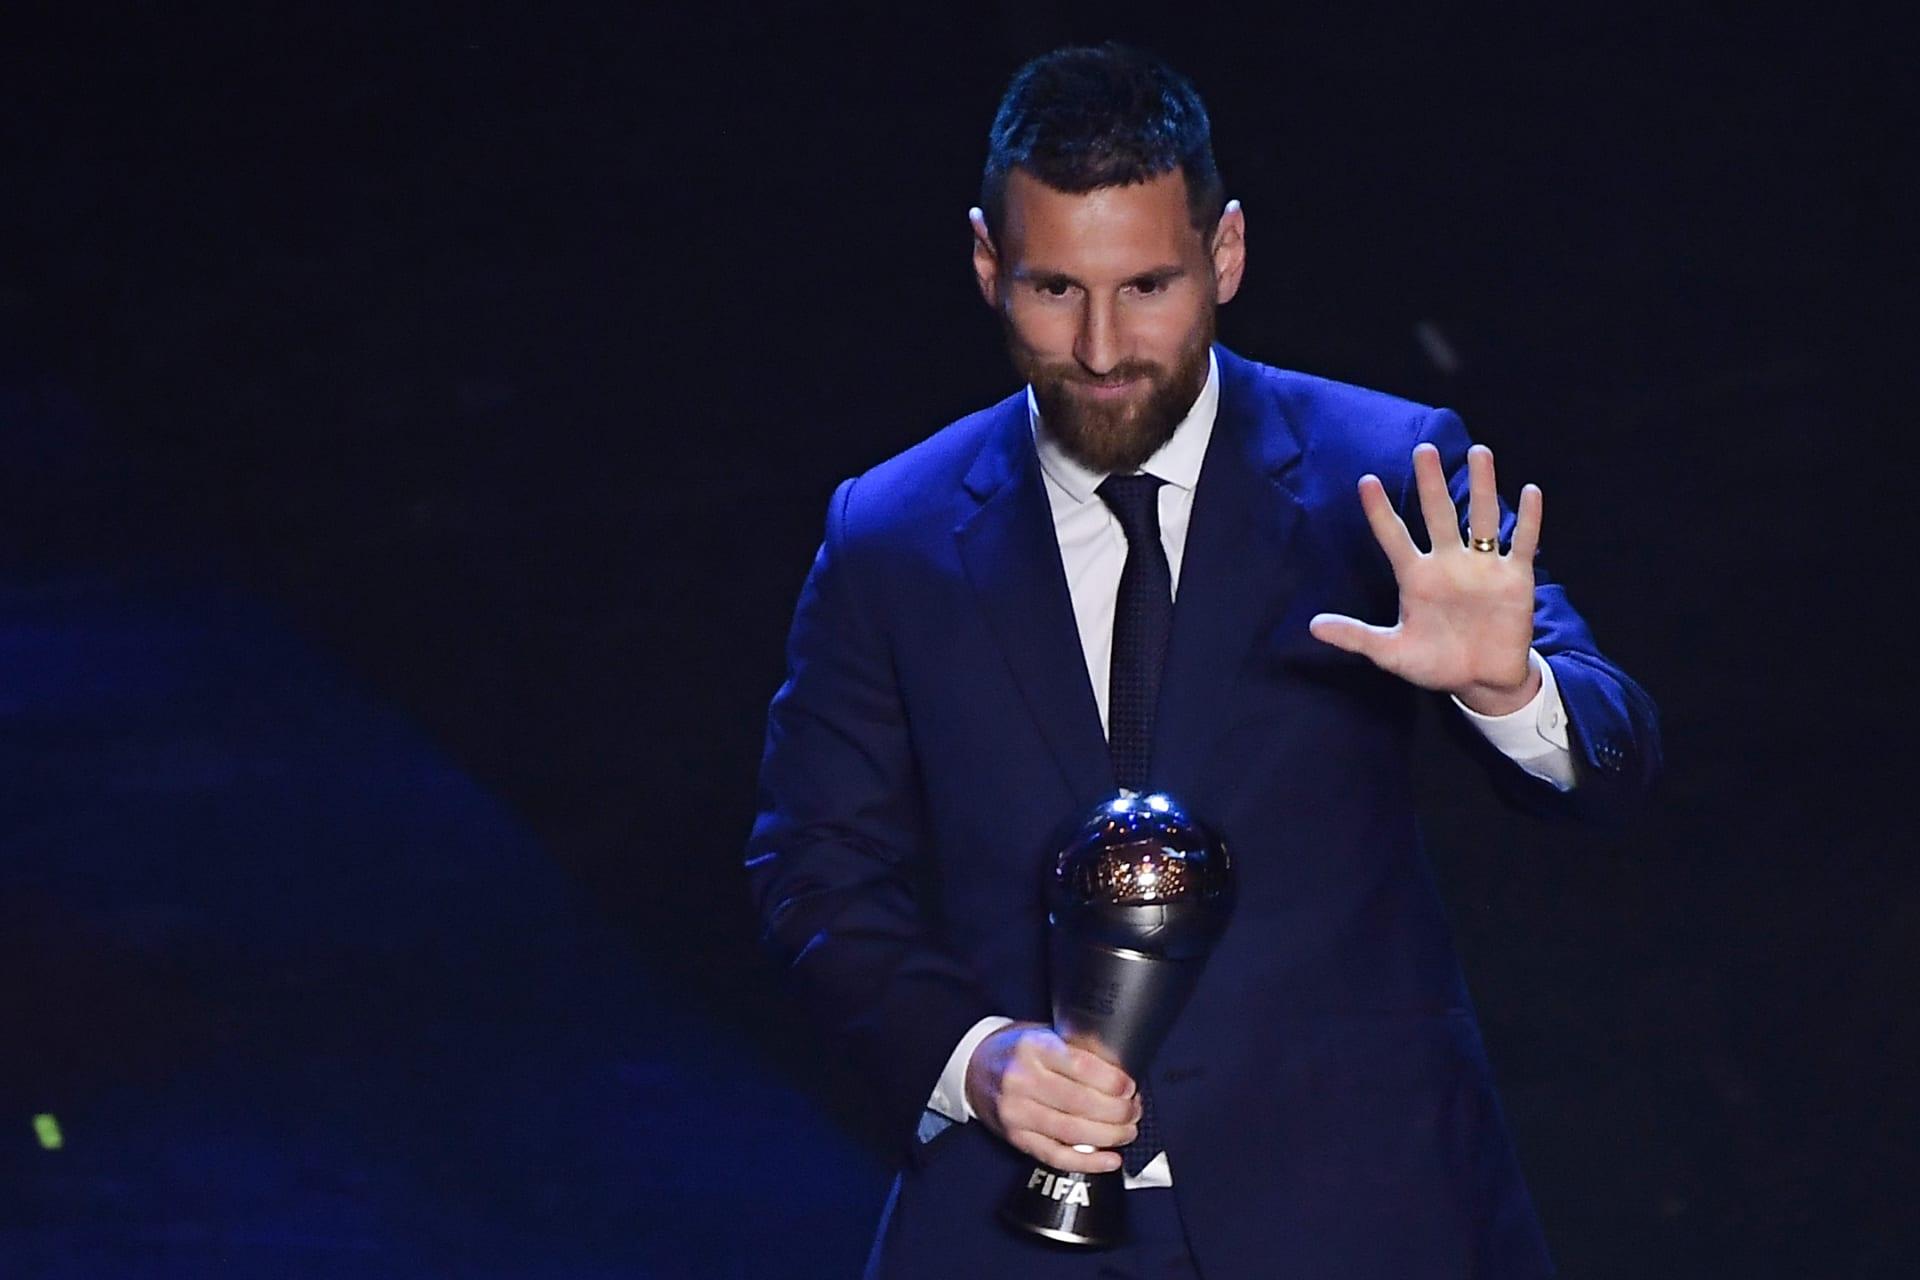 ليونيل ميسي أثناء إعلان فوزه بجائزة أفضل لاعبي كرة القدم في العالم في 2019